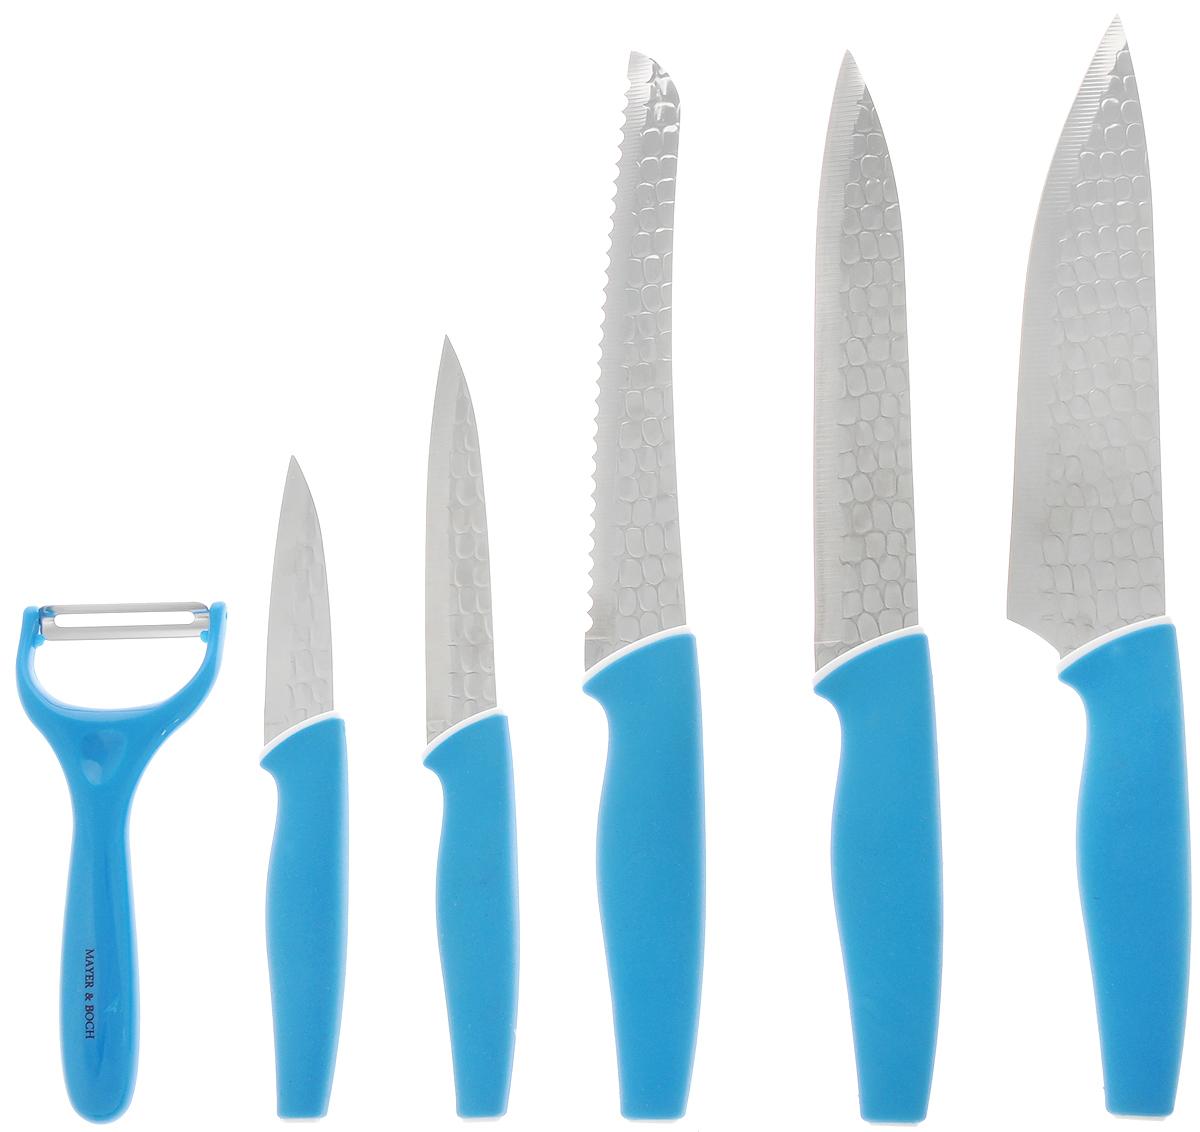 Набор ножей Mayer & Boch, 6 предметов. 2488824888Набор ножей Mayer & Boch включает ножи для ежедневной резки фруктов, овощей, мяса и других продуктов. В наборе - 5 ножей и нож-пиллер для быстрой очистки овощей. Лезвия выполнены из качественной нержавеющей стали и имеют хорошие режущие свойства. Специальный чешуйчатый рельеф и покрытие non-stick предотвращают прилипание продуктов к лезвию ножа. Эргономичный дизайн рукоятки и прорезиненное покрытие обеспечивают безопасную работу и комфортное положение в руке. Изящный узор на лезвиях ножей делает их стильным украшением кухни. Рекомендуется мыть вручную. Длина лезвия поварского ножа: 20,3 см. Общая длина поварского ножа: 33,5 см. Длина лезвия хлебного ножа: 20,3 см. Общая длина хлебного ножа: 33 см. Длина лезвия разделочного ножа: 20,3 см. Общая длина разделочного ножа: 32,5 см. Длина лезвия универсального ножа: 12,7 см. Общая длина универсального ножа: 23,5 см. Длина лезвия ножа для очистки: 8,9 см. ...